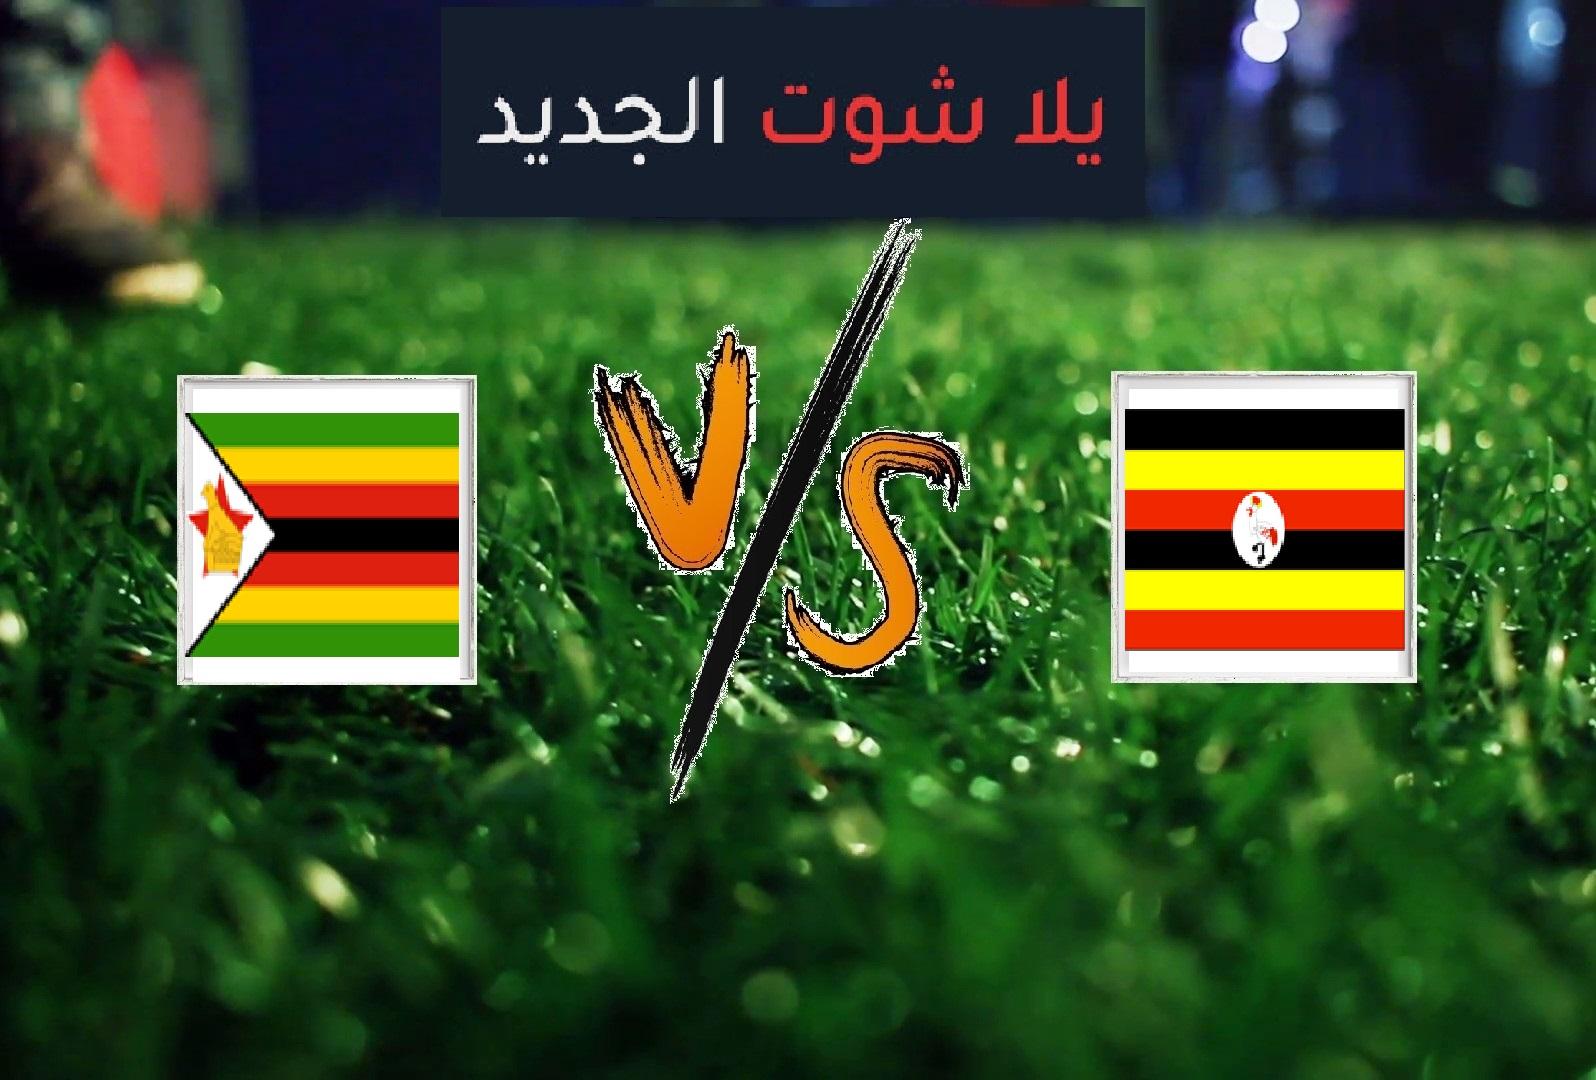 نتيجة مباراة اوغندا وزيمبابوي اليوم الأربعاء 26-06-2019 بطولة كأس الأمم الأفريقية